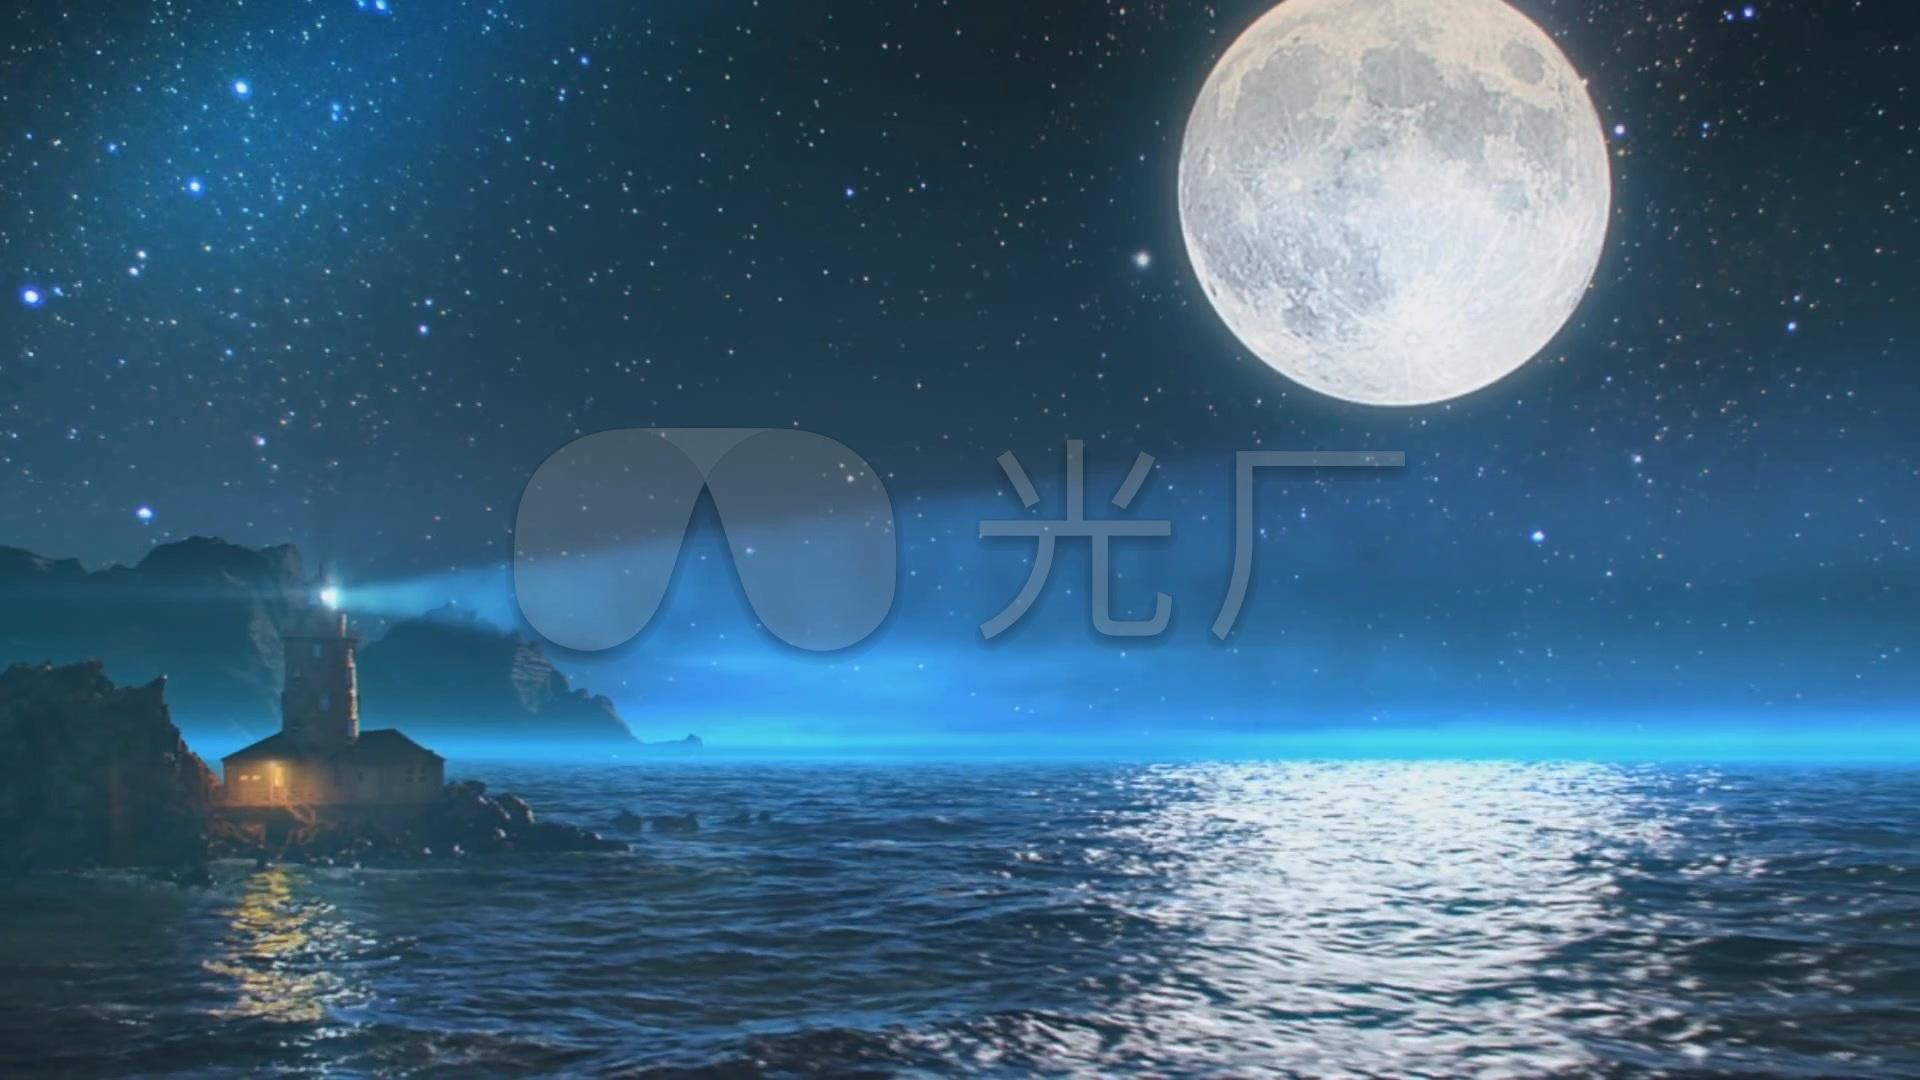 海上升明月唯美月亮星星夜空_1920x1080_高